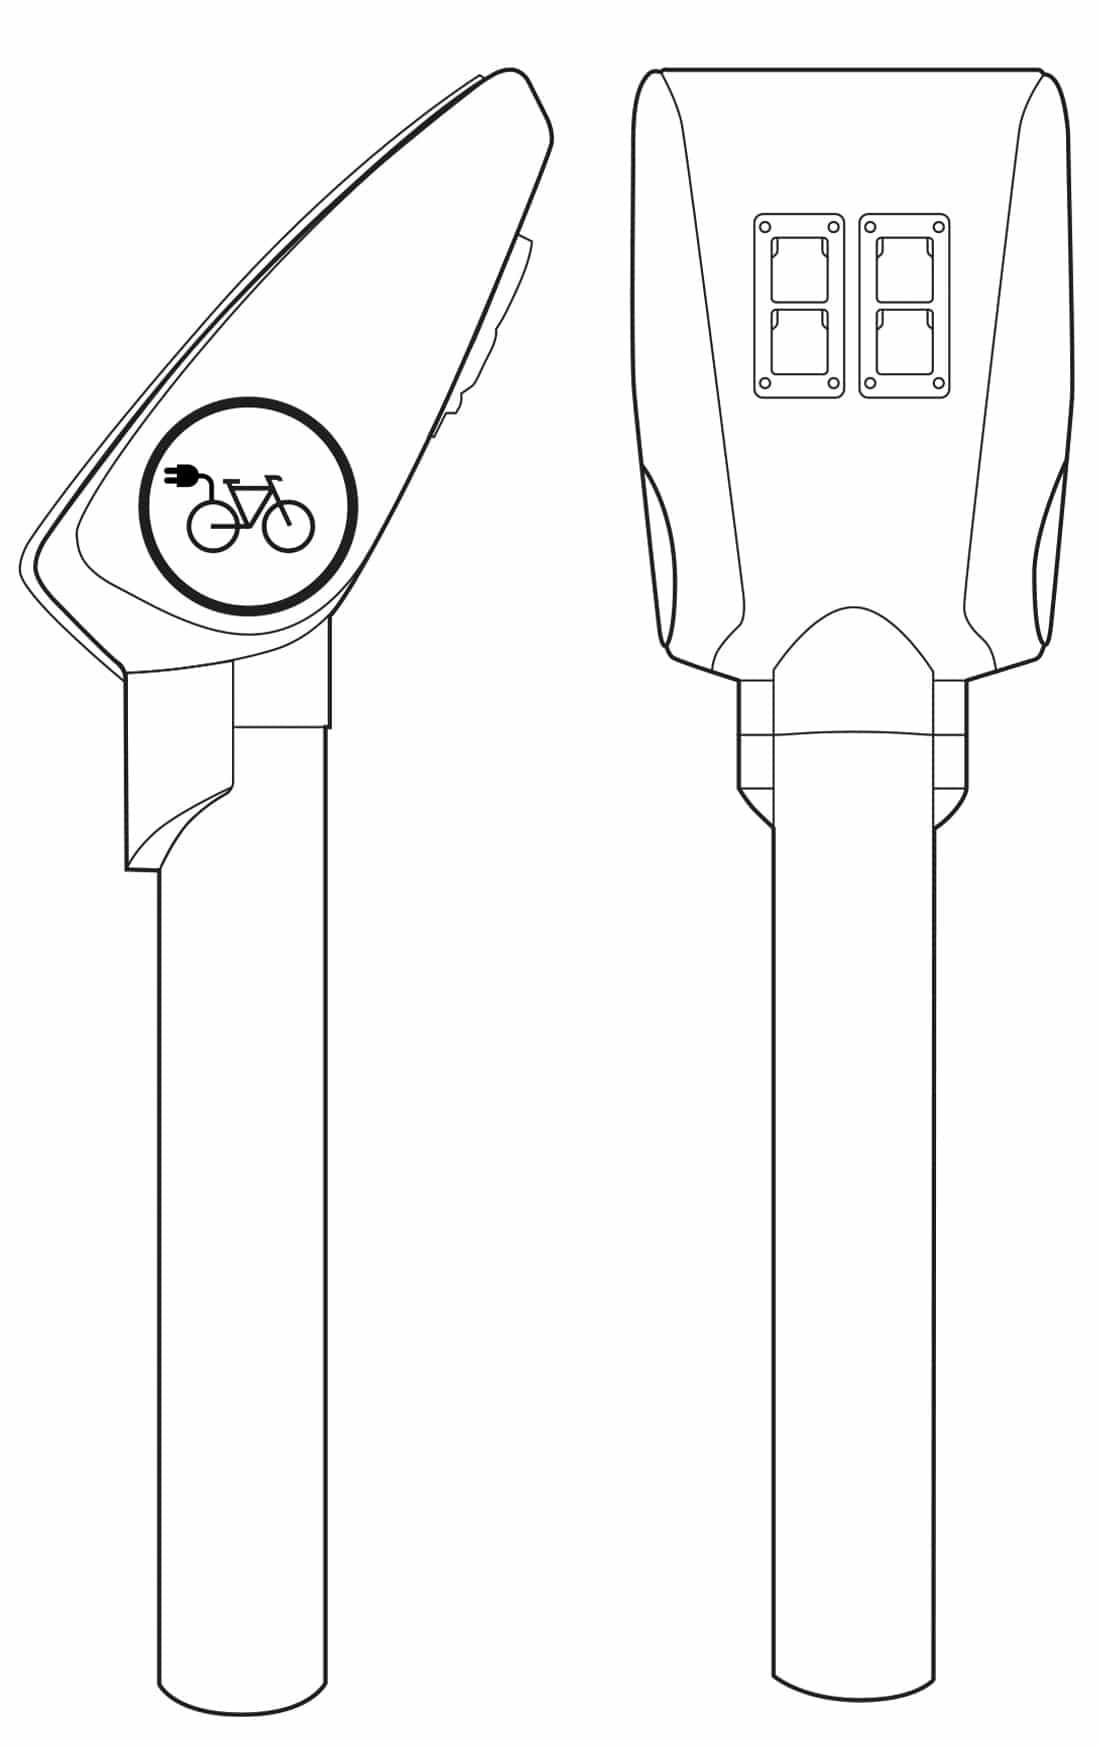 fiets-praatpaal-2